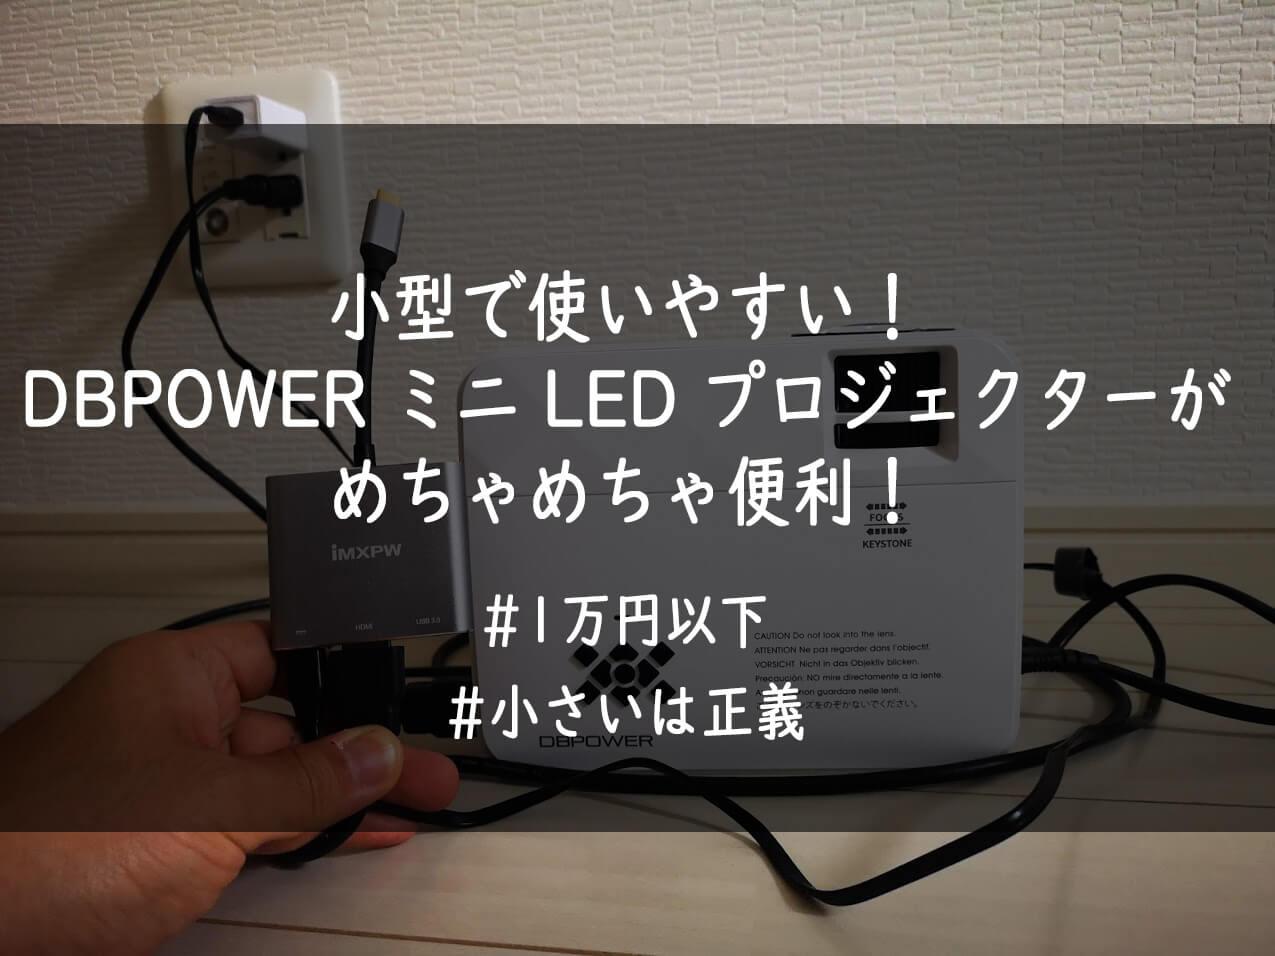 【1万円以下!】DBPOWER ミニ LED プロジェクターが価格以上に使いやすかったレビュー